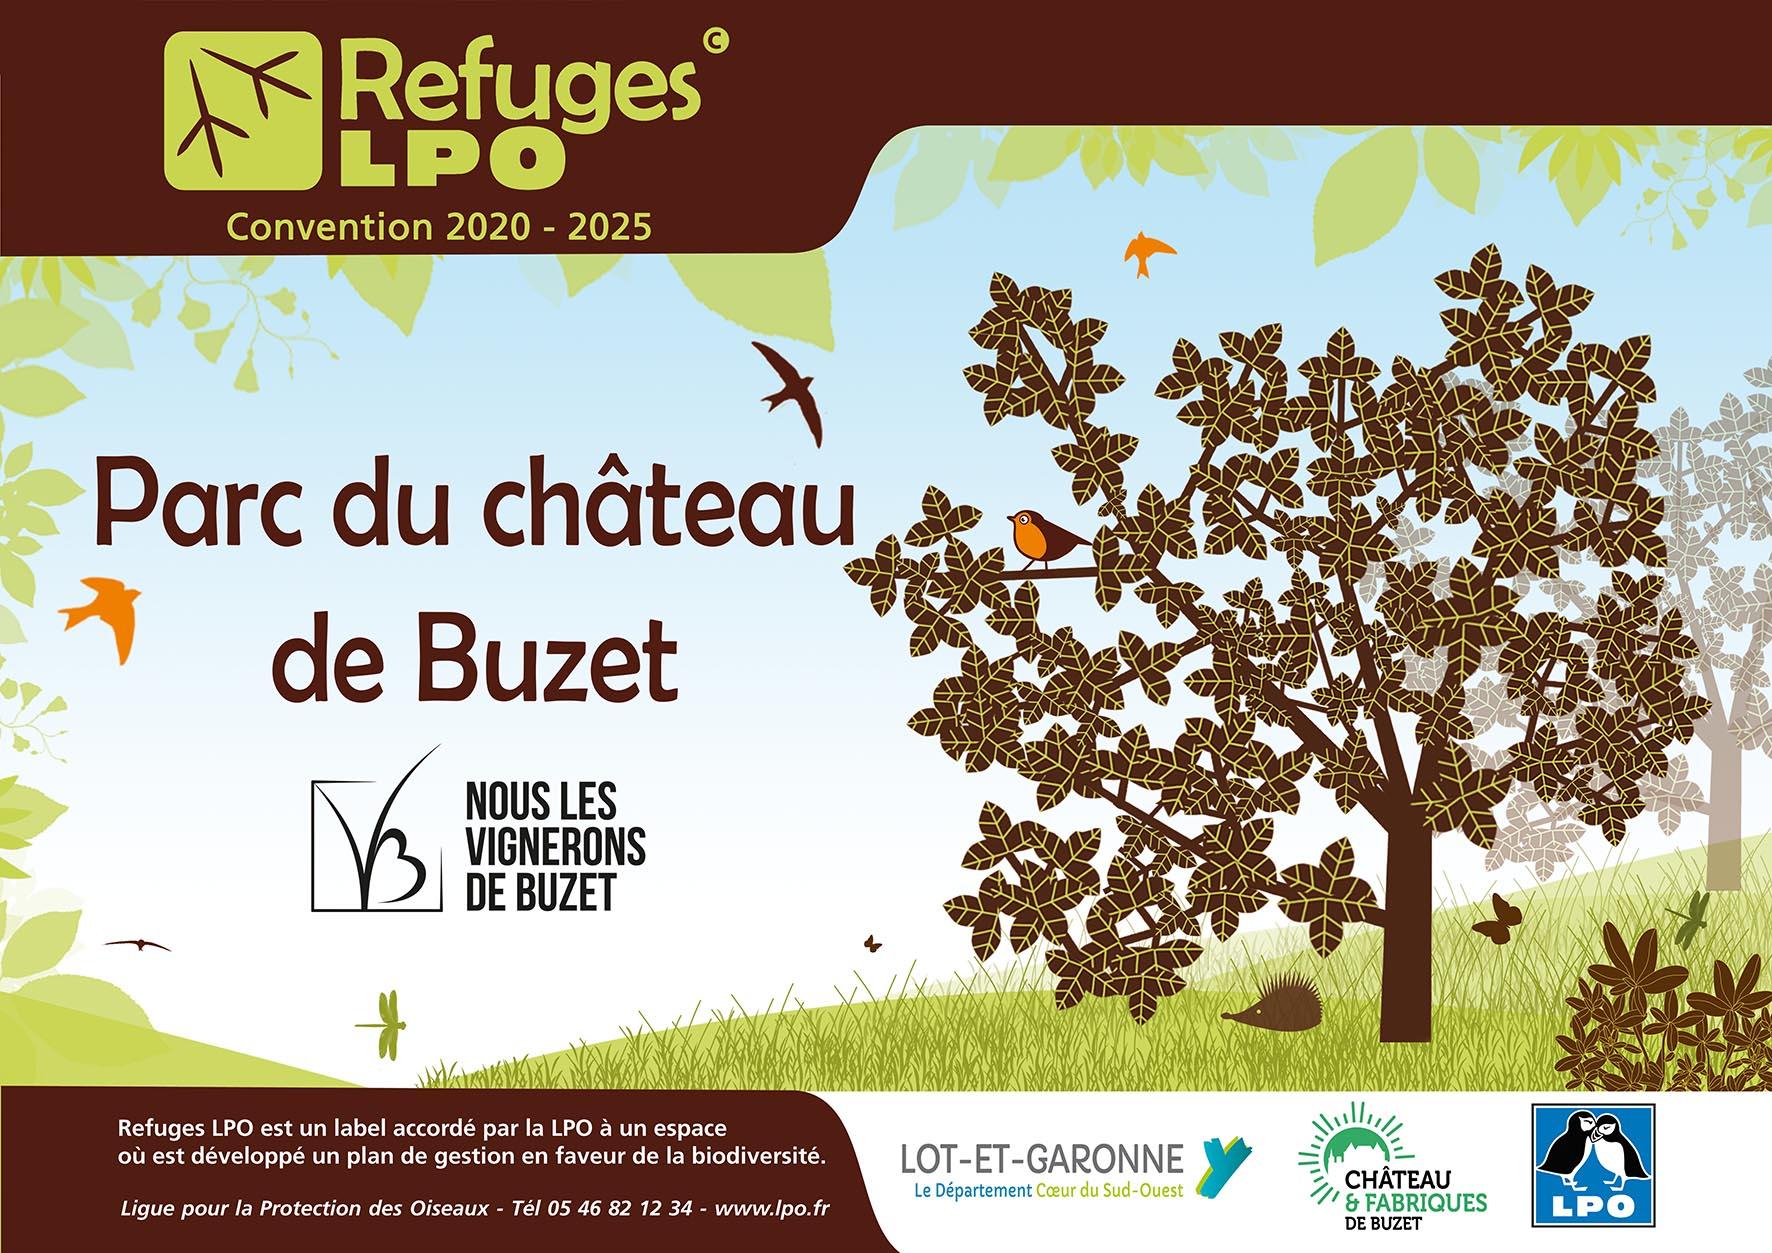 Refuge LPO parc château de Buzet